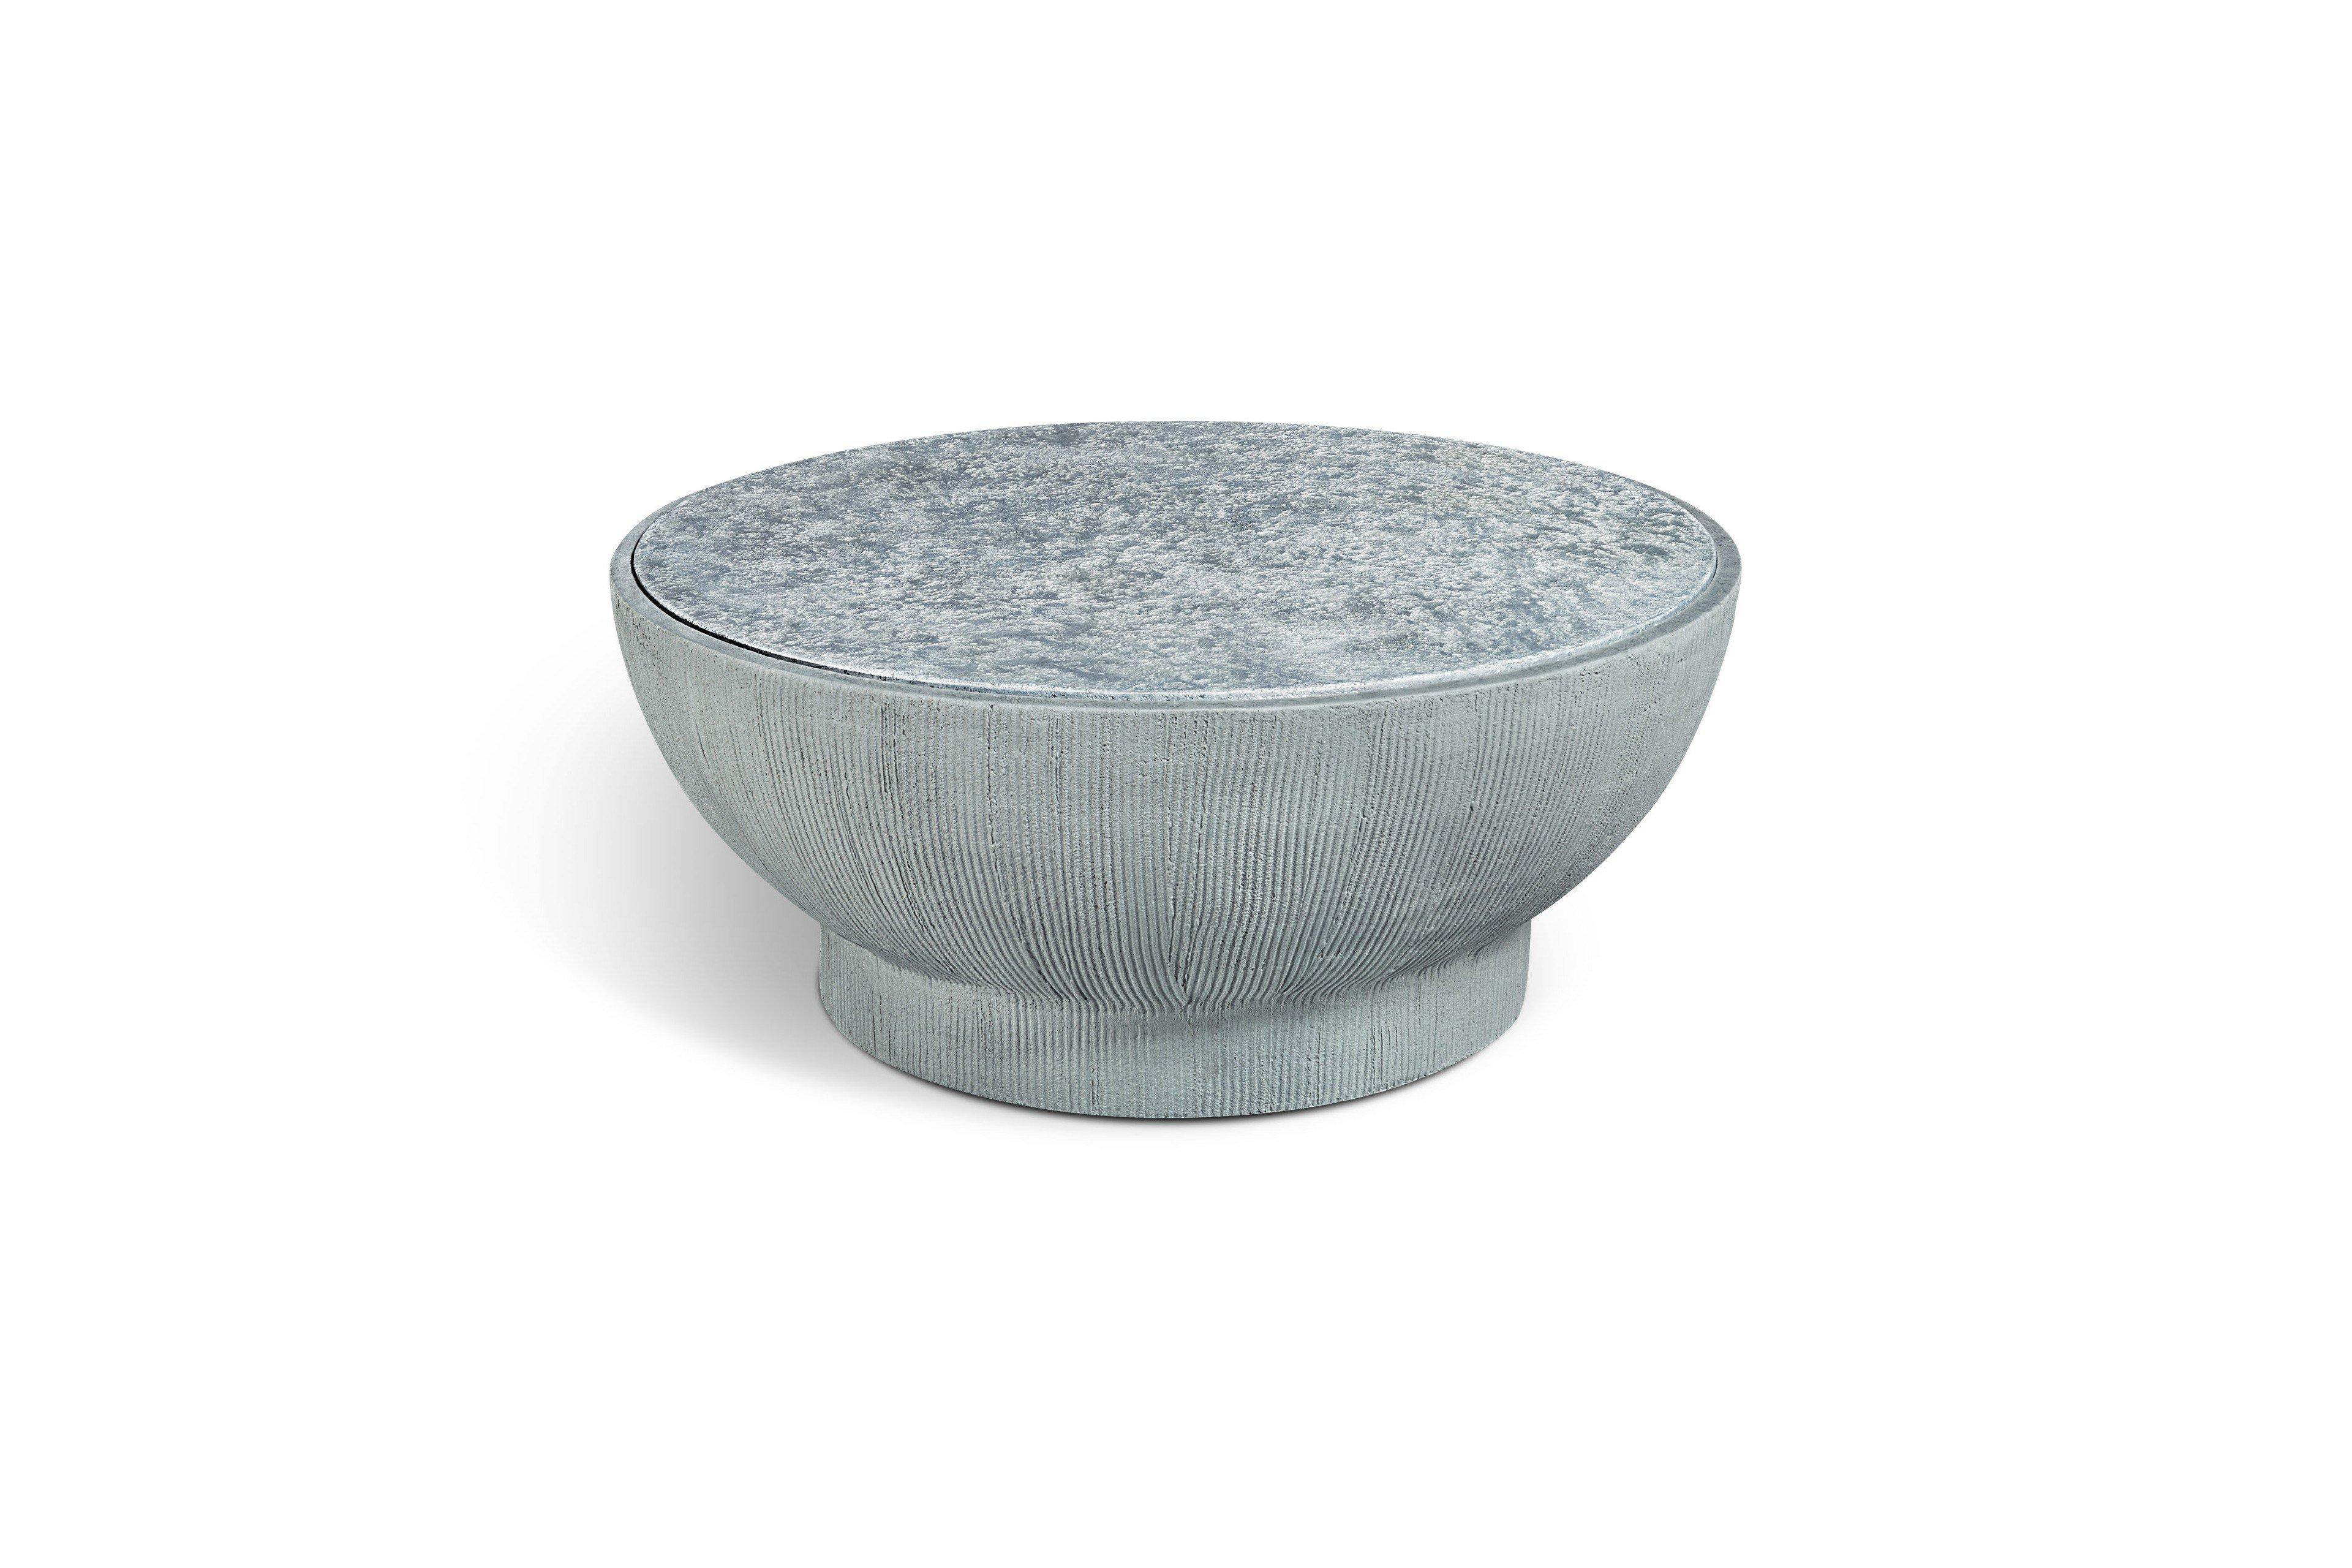 bretz couchtisch beatnik beton silber m bel letz ihr online m bel shop. Black Bedroom Furniture Sets. Home Design Ideas